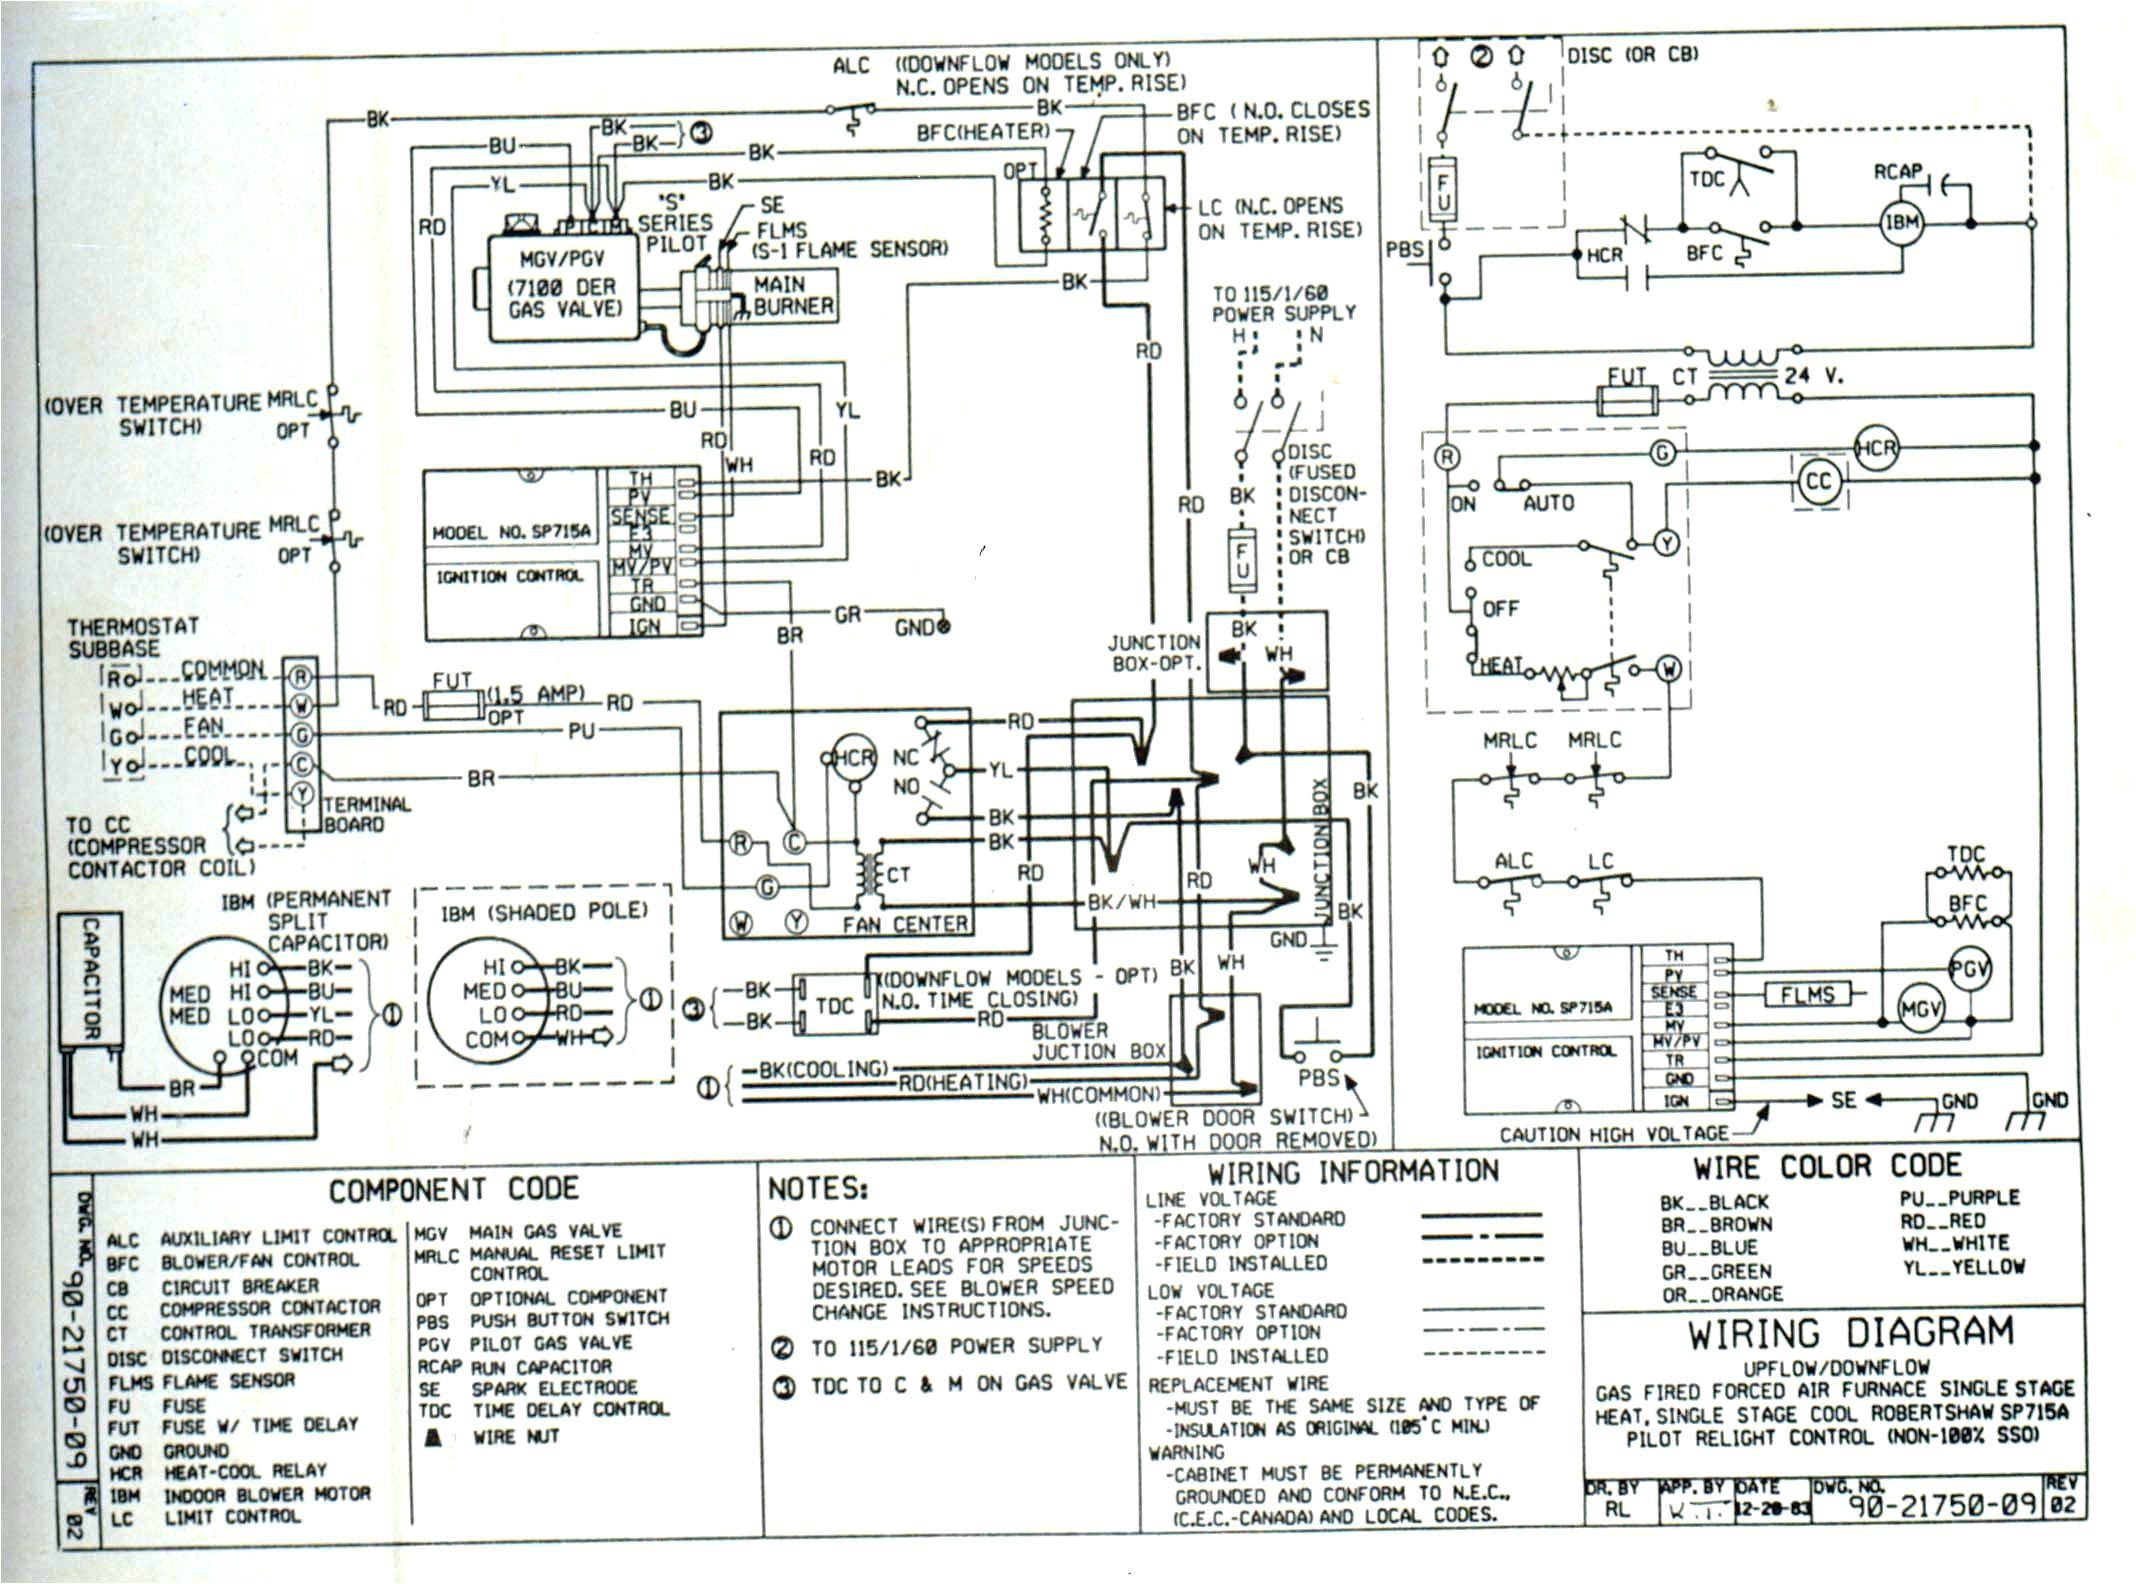 trane wiring schematics wiring diagram inside trane ac wiring diagrams trane wiring diagrams